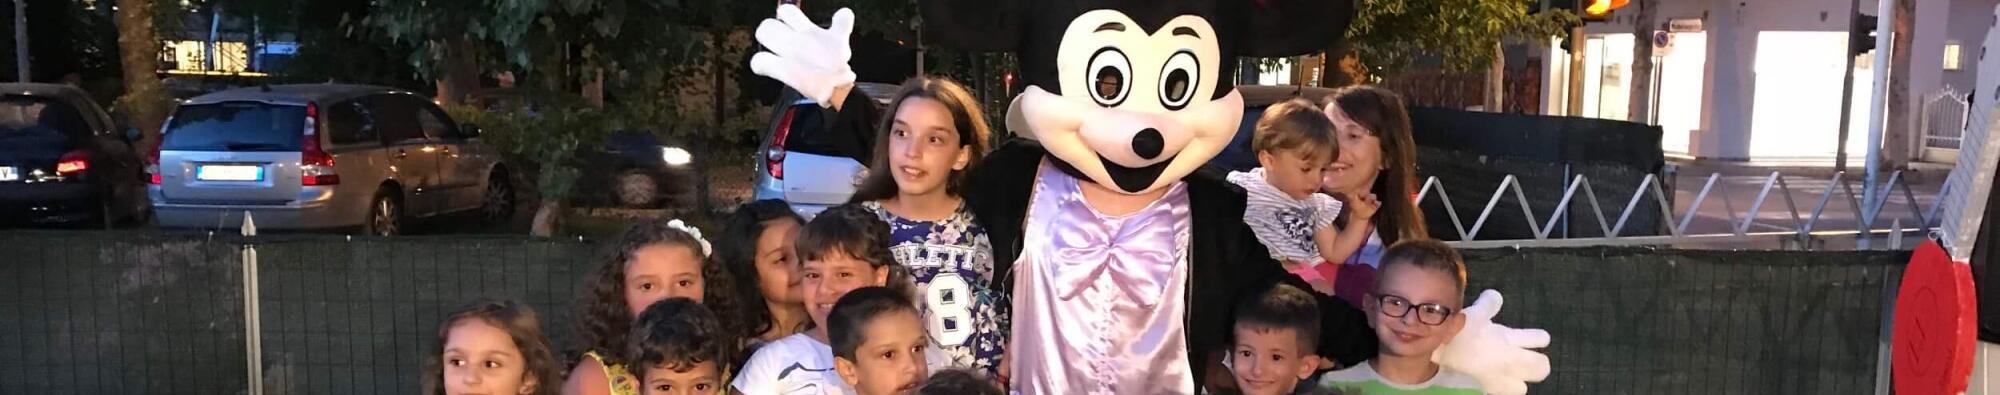 La tua vacanza a Riccione a due passi dalla spiaggia: ecco la Disney-Week di Giugno!